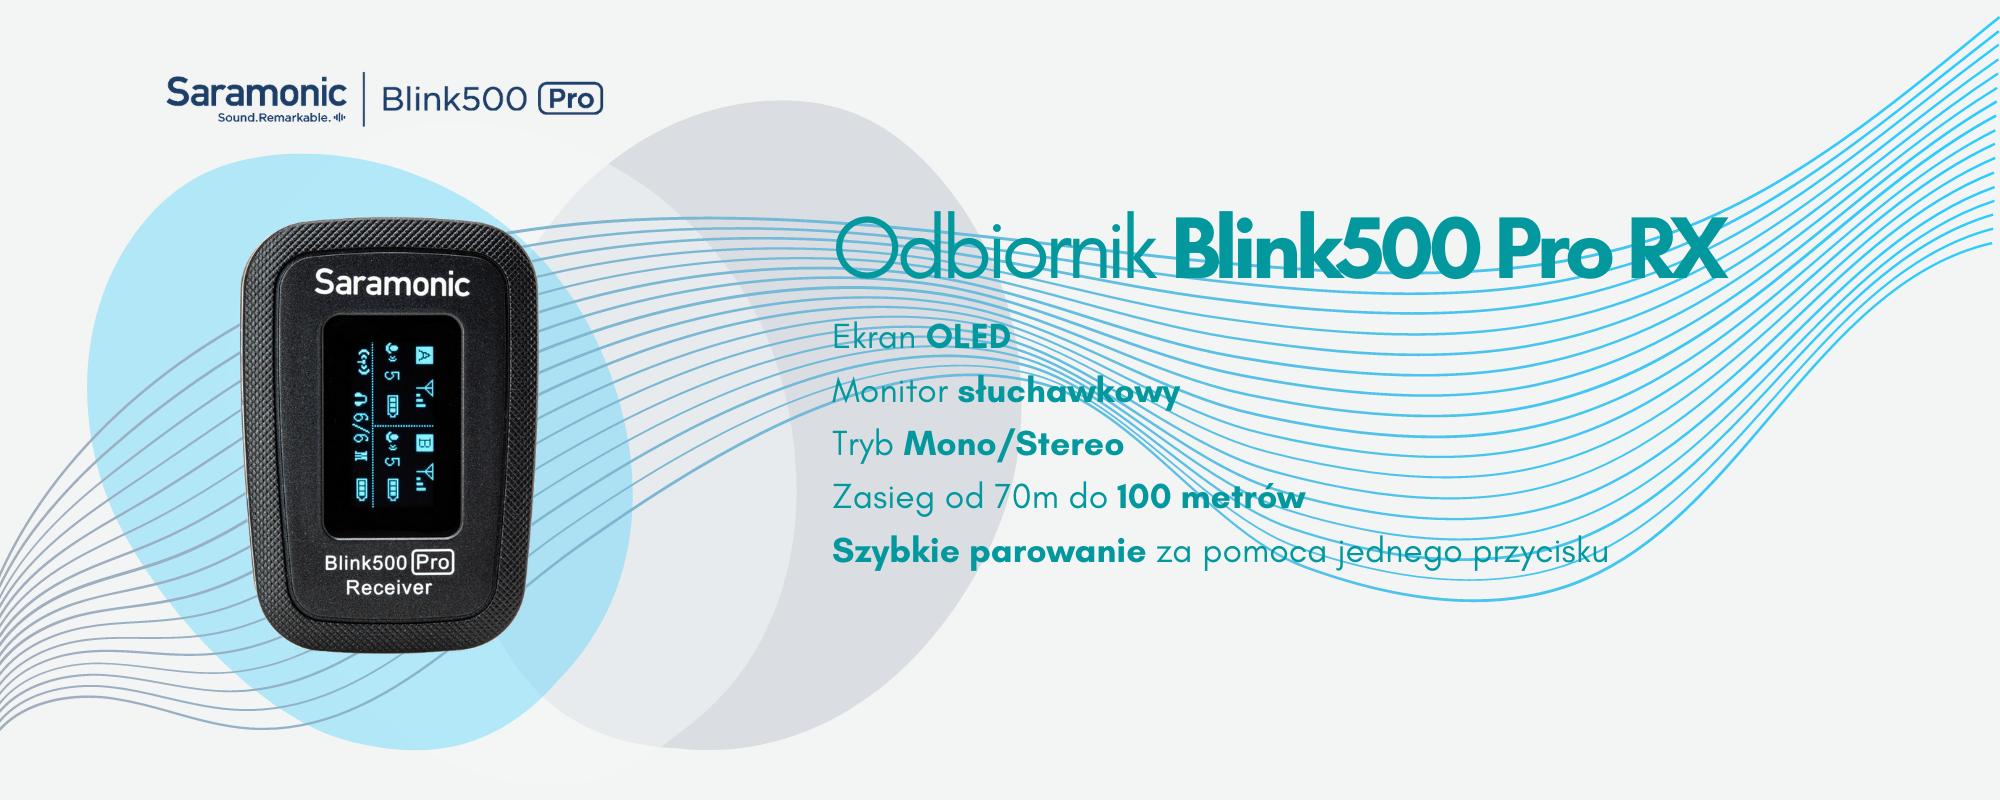 Dwukanałowy odbiornik Saramonic Blink500 Pro RX